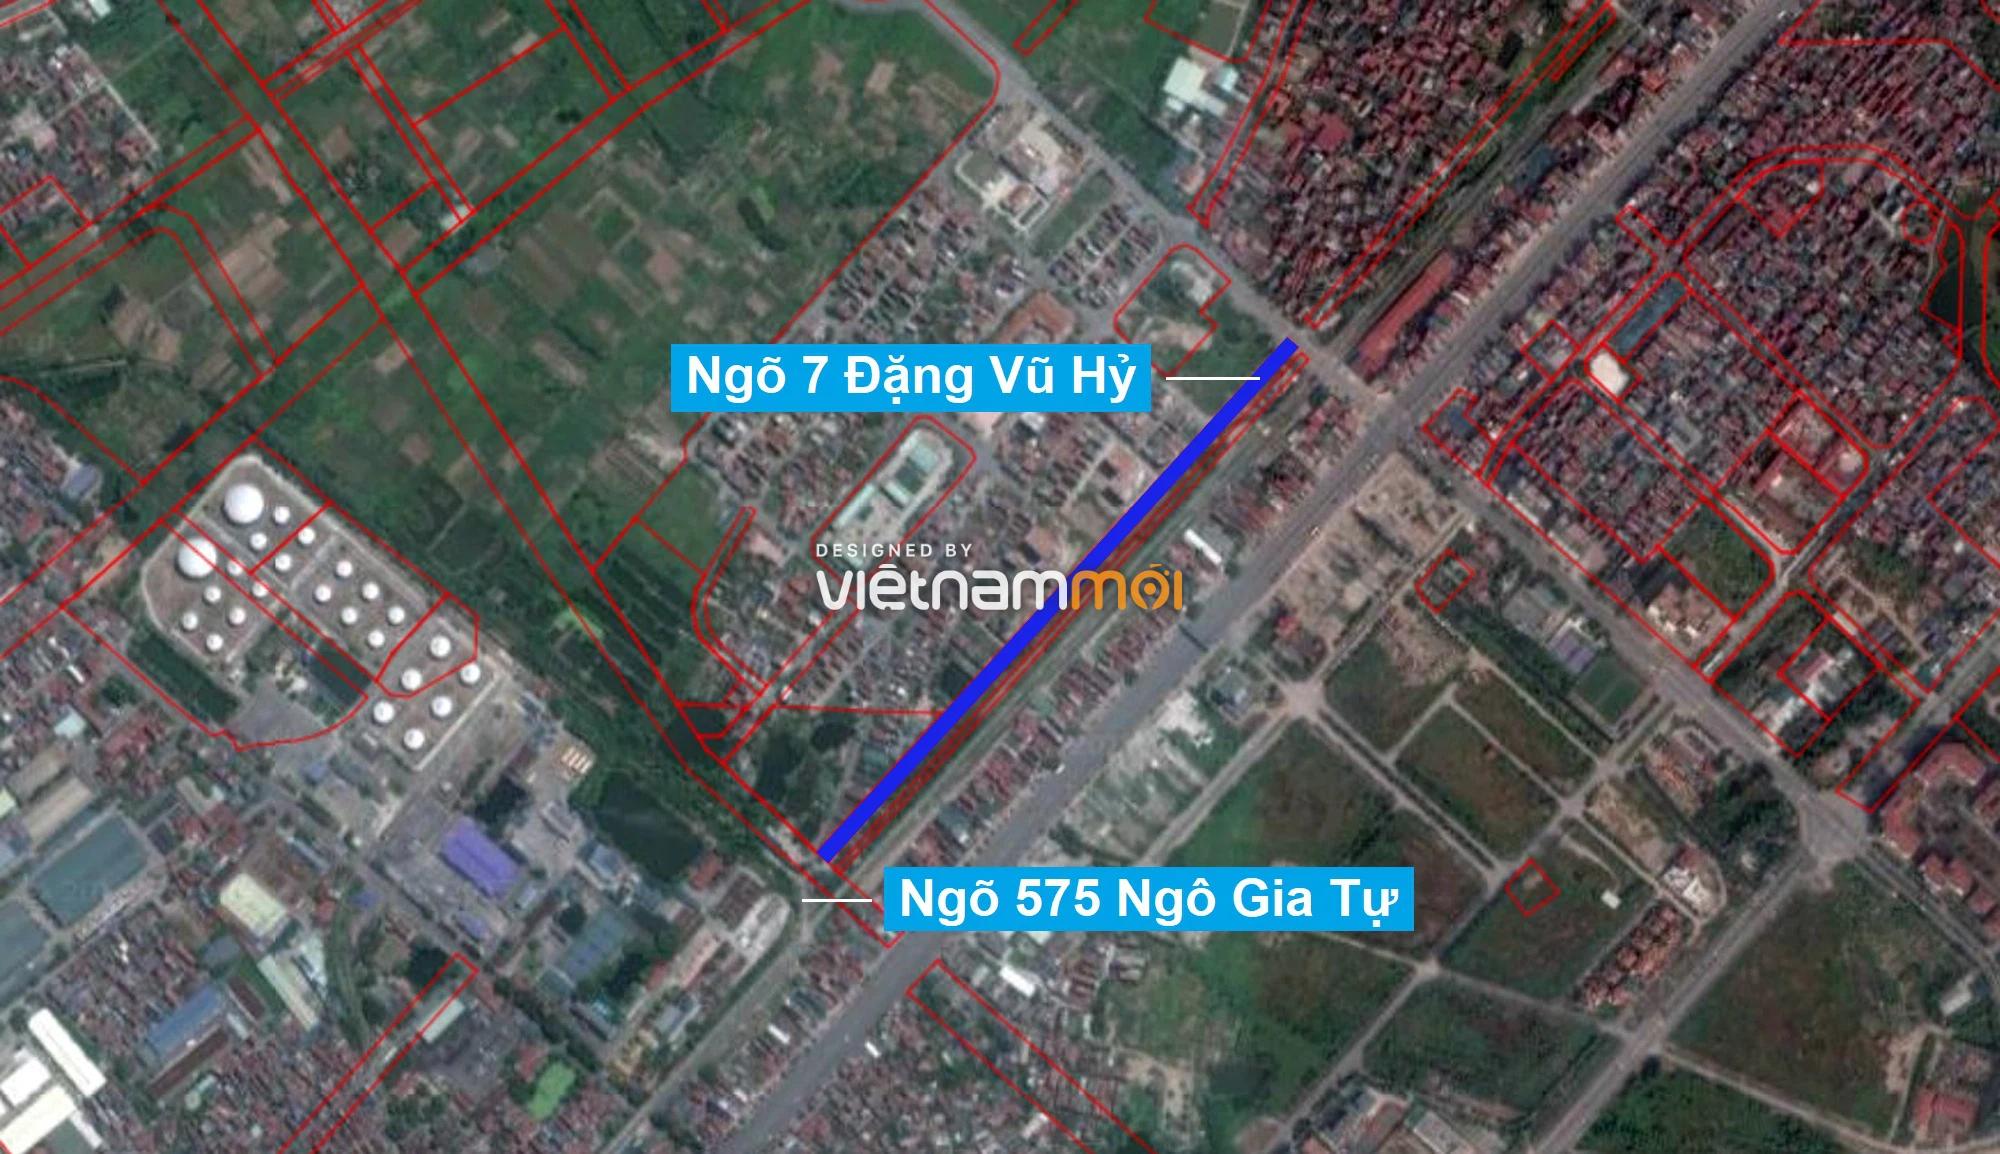 Những khu đất sắp thu hồi để mở đường ở phường Thượng Thanh, Long Biên, Hà Nội (phần 4) - Ảnh 8.